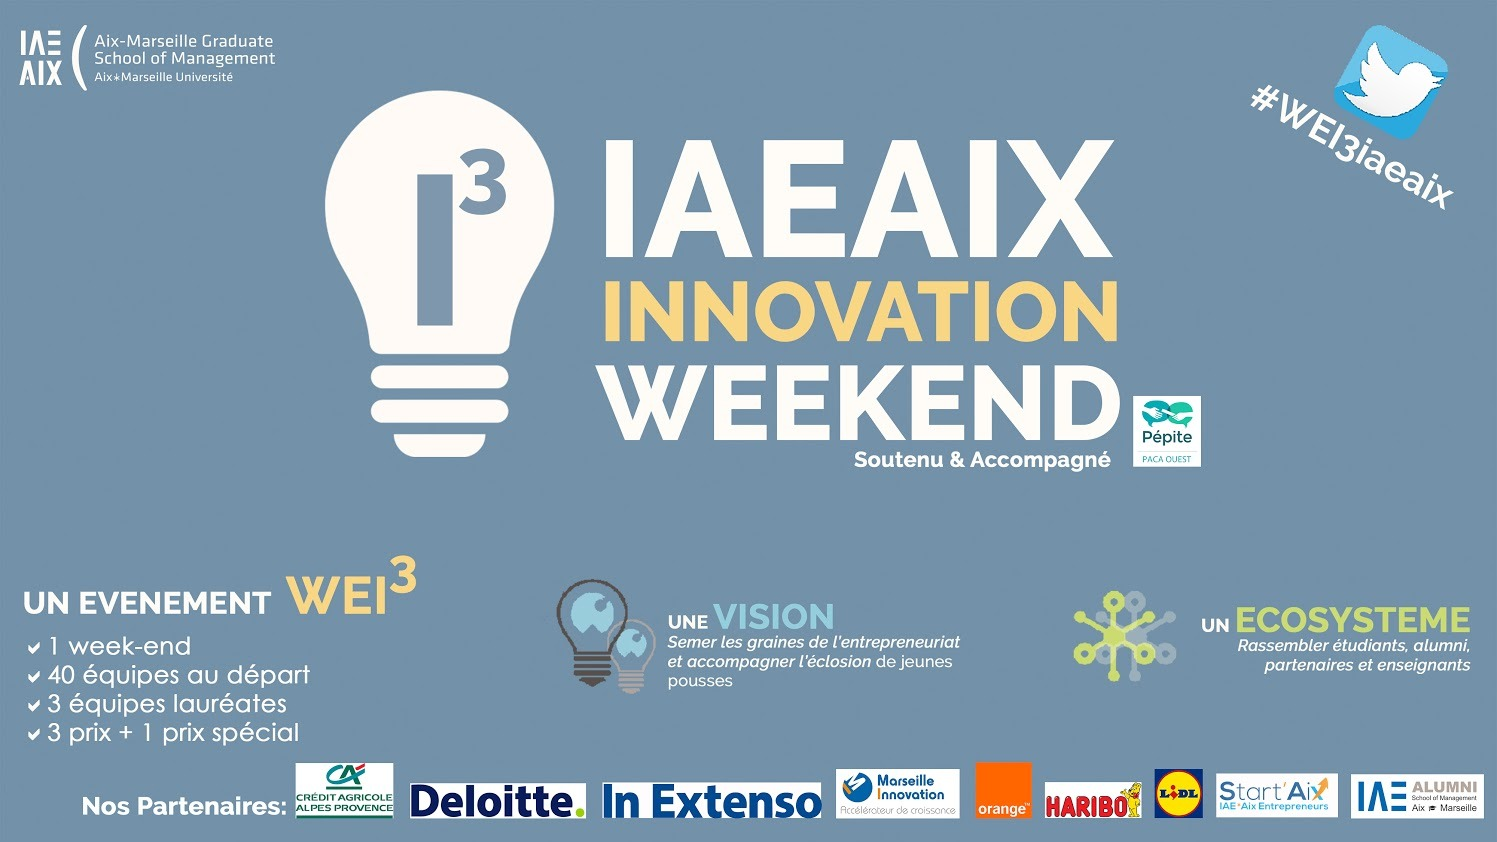 wei3-entrepreneuriat-iae_0.jpg